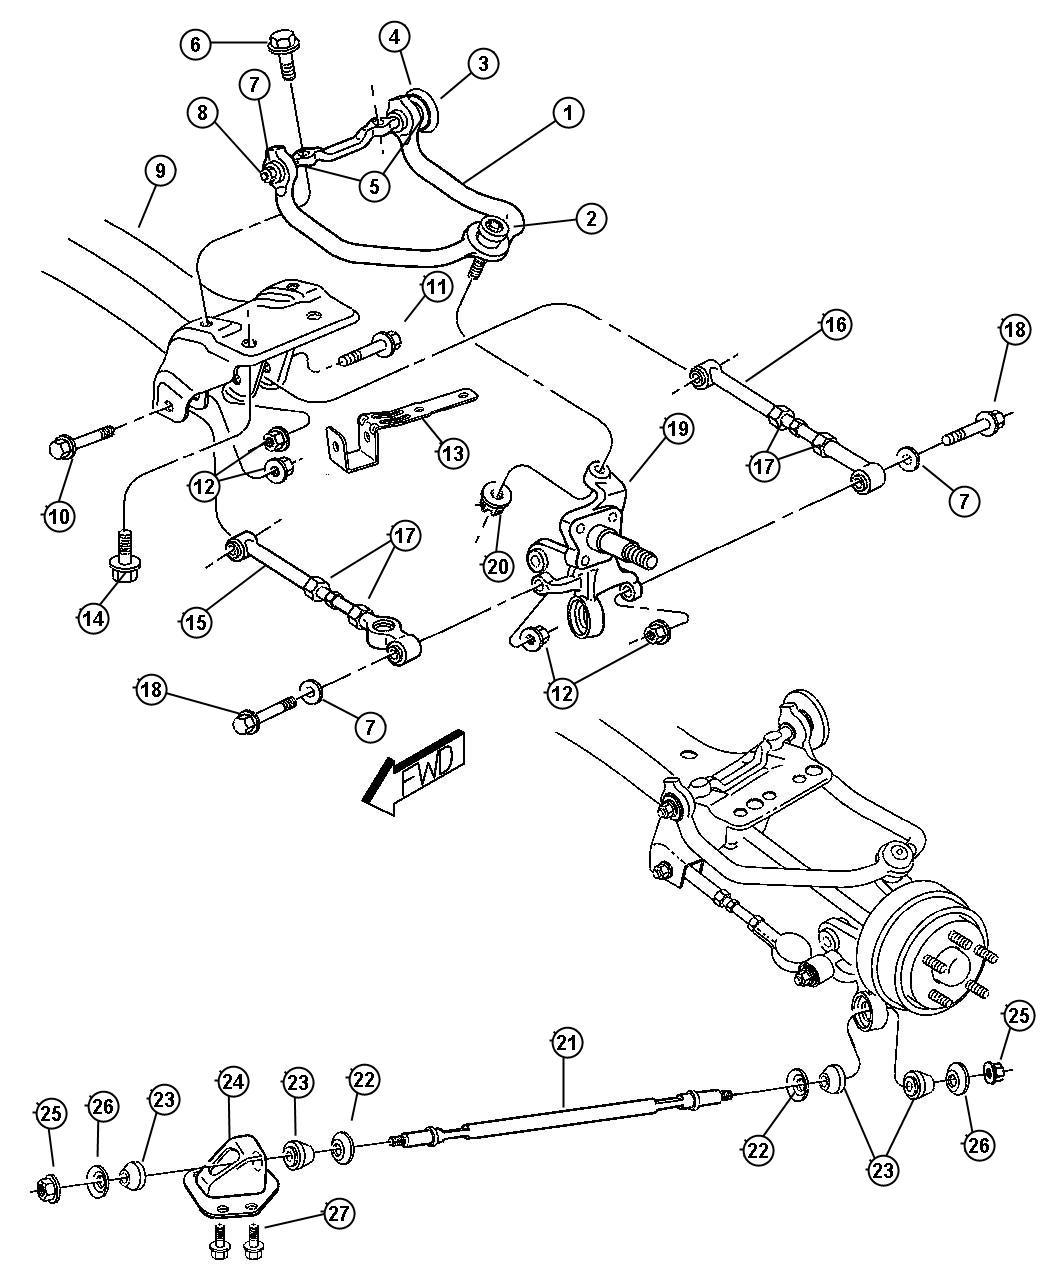 Chrysler Sebring Arm Control Upper Left Up To 12 3